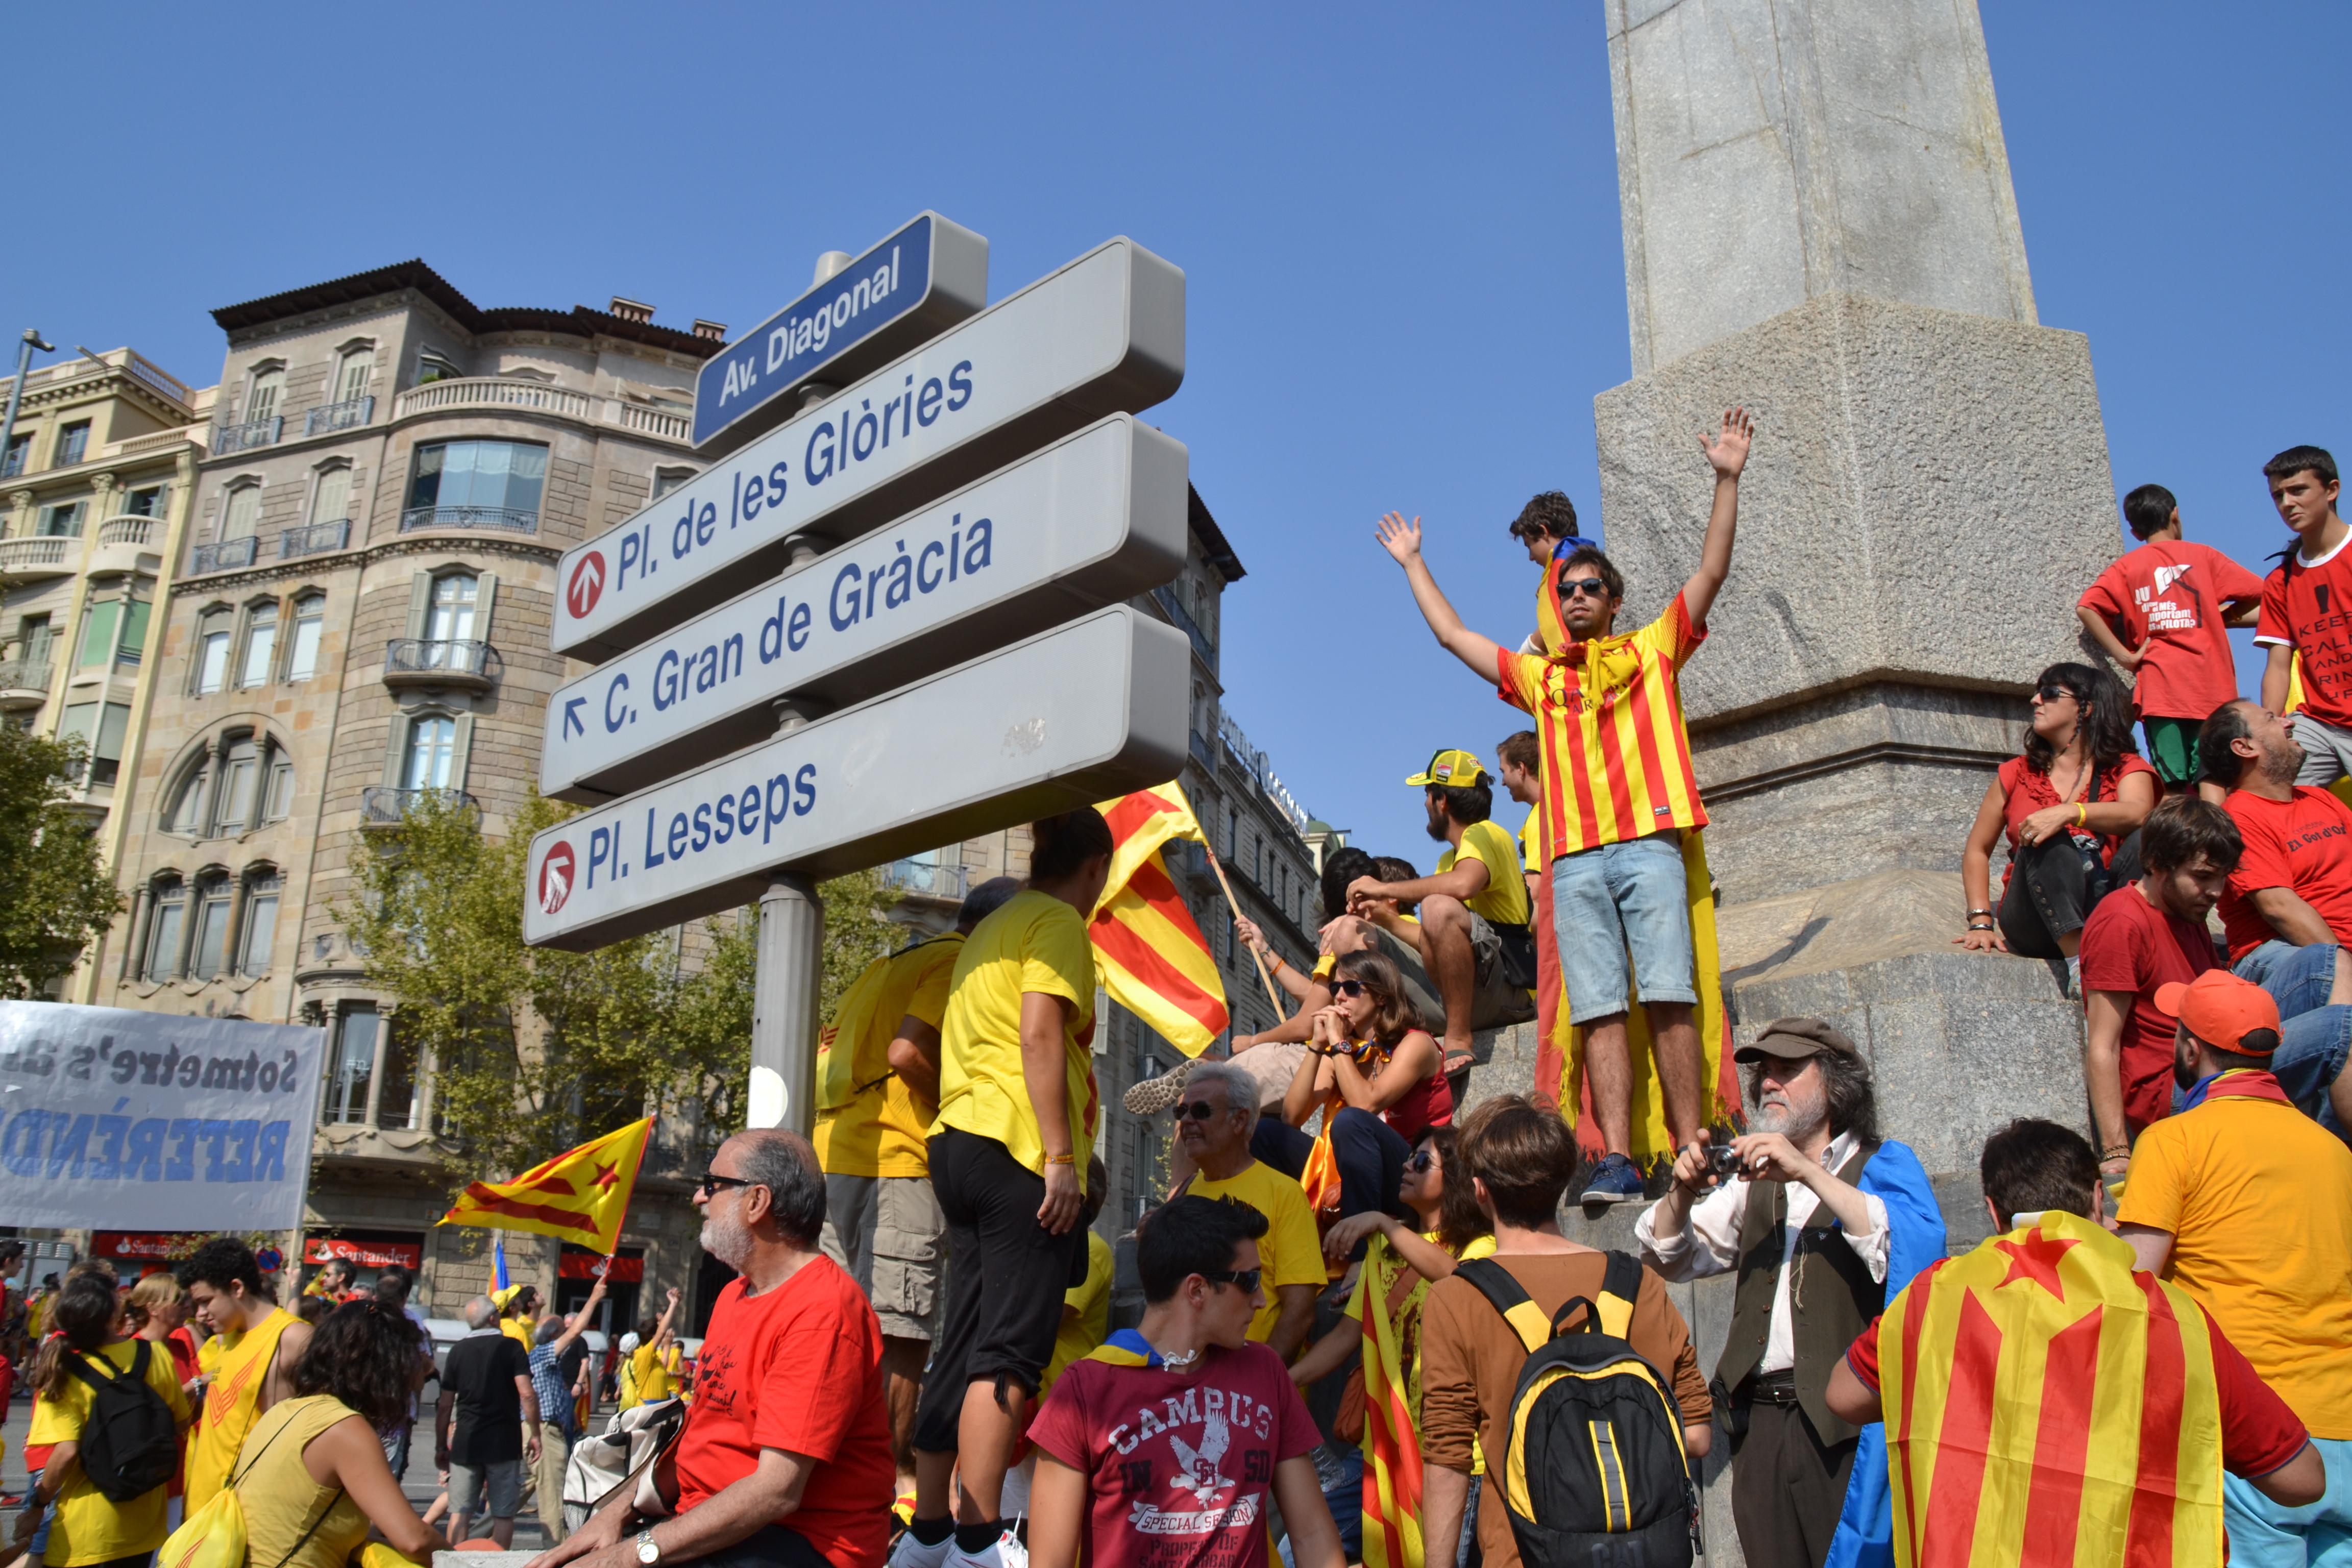 La concentración de personas se dio lugar en la Avenida Diagonal y en la Gran Vía